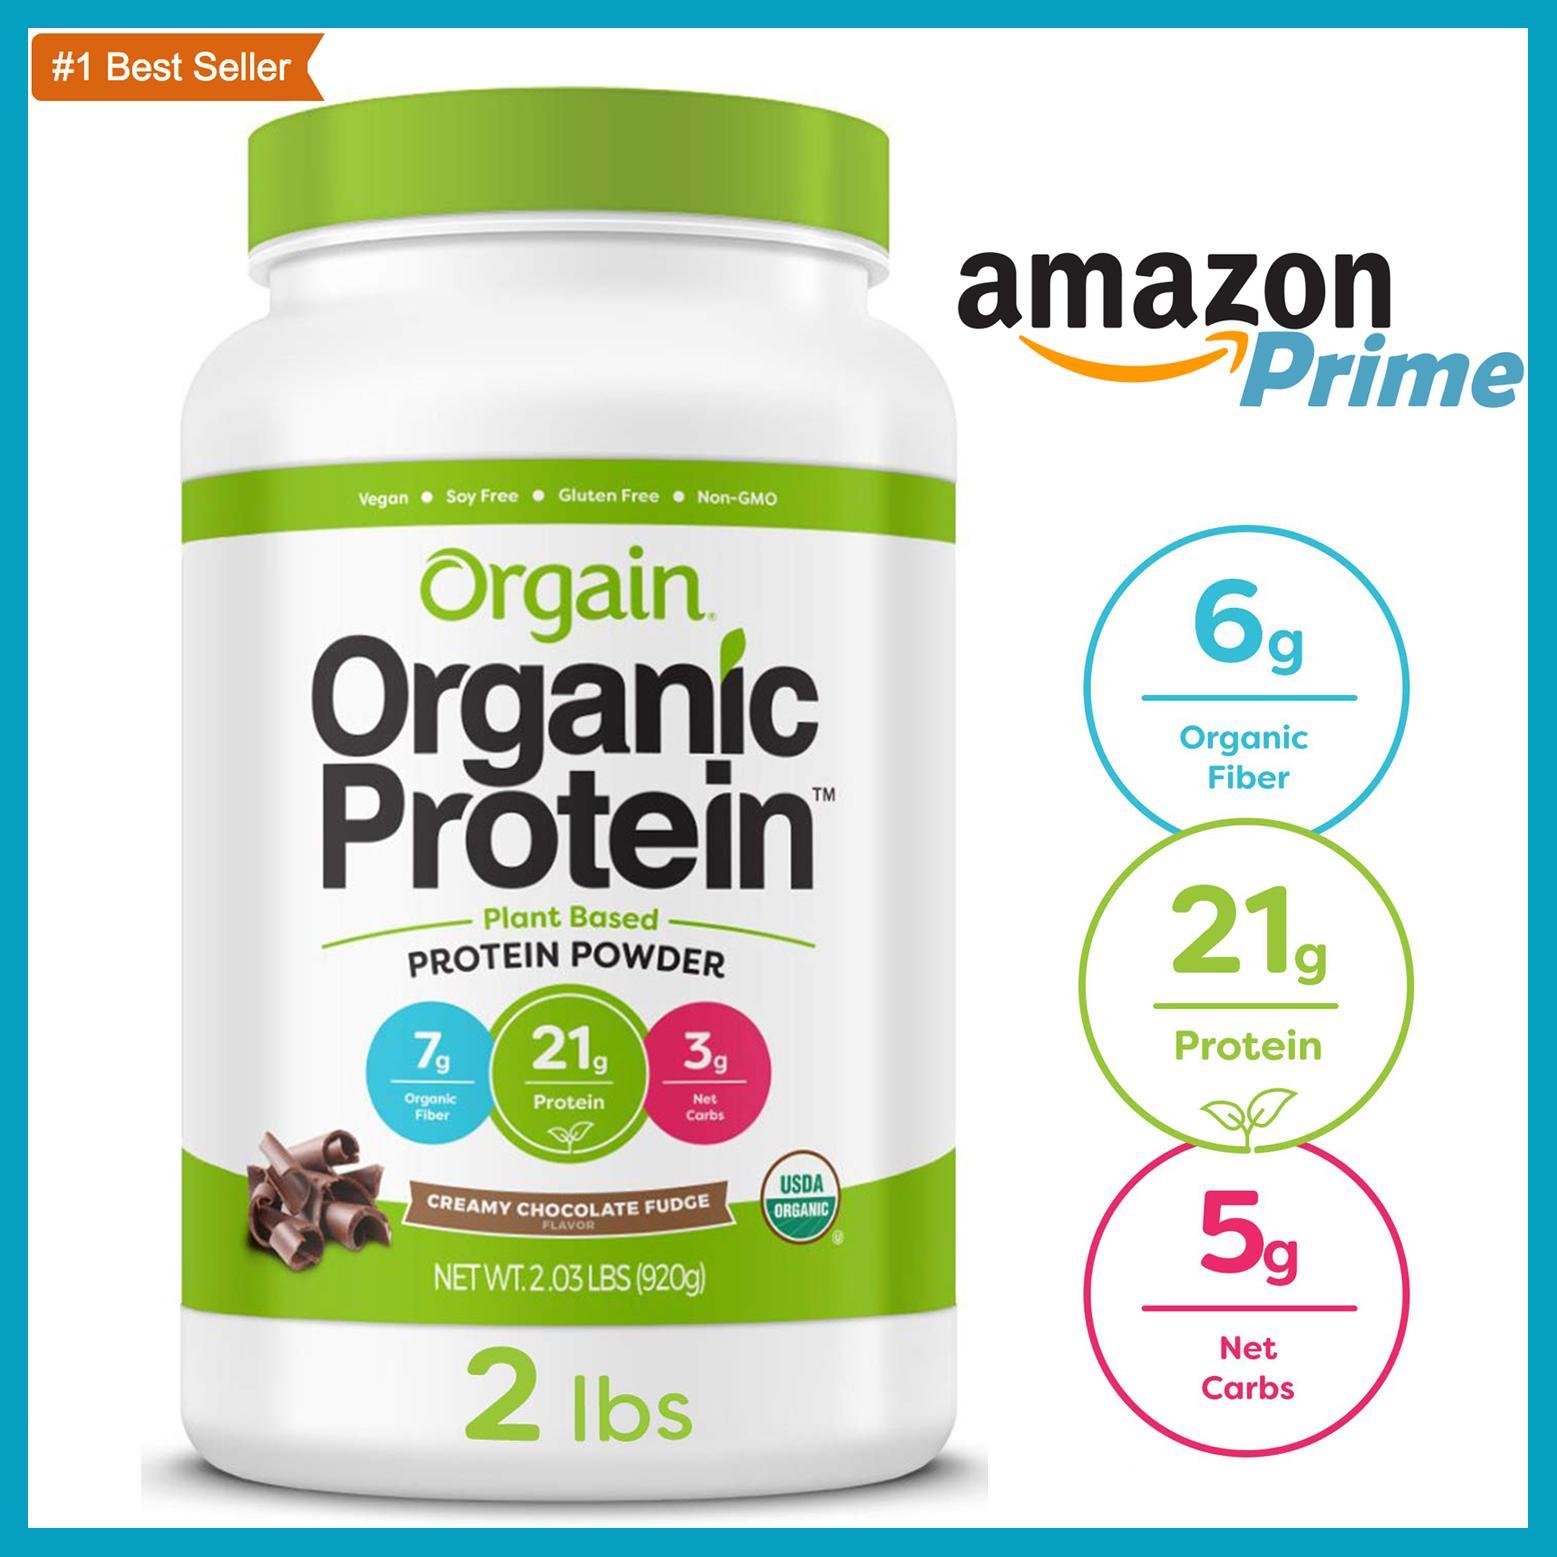 [Gym / Keto/ Vegan / Low Carb] Bột Đạm Dinh Dưỡng Protein Powder Organic - Orgain Protein Mỹ   Dành cho người ăn kiêng, chay, giảm cân cao cấp